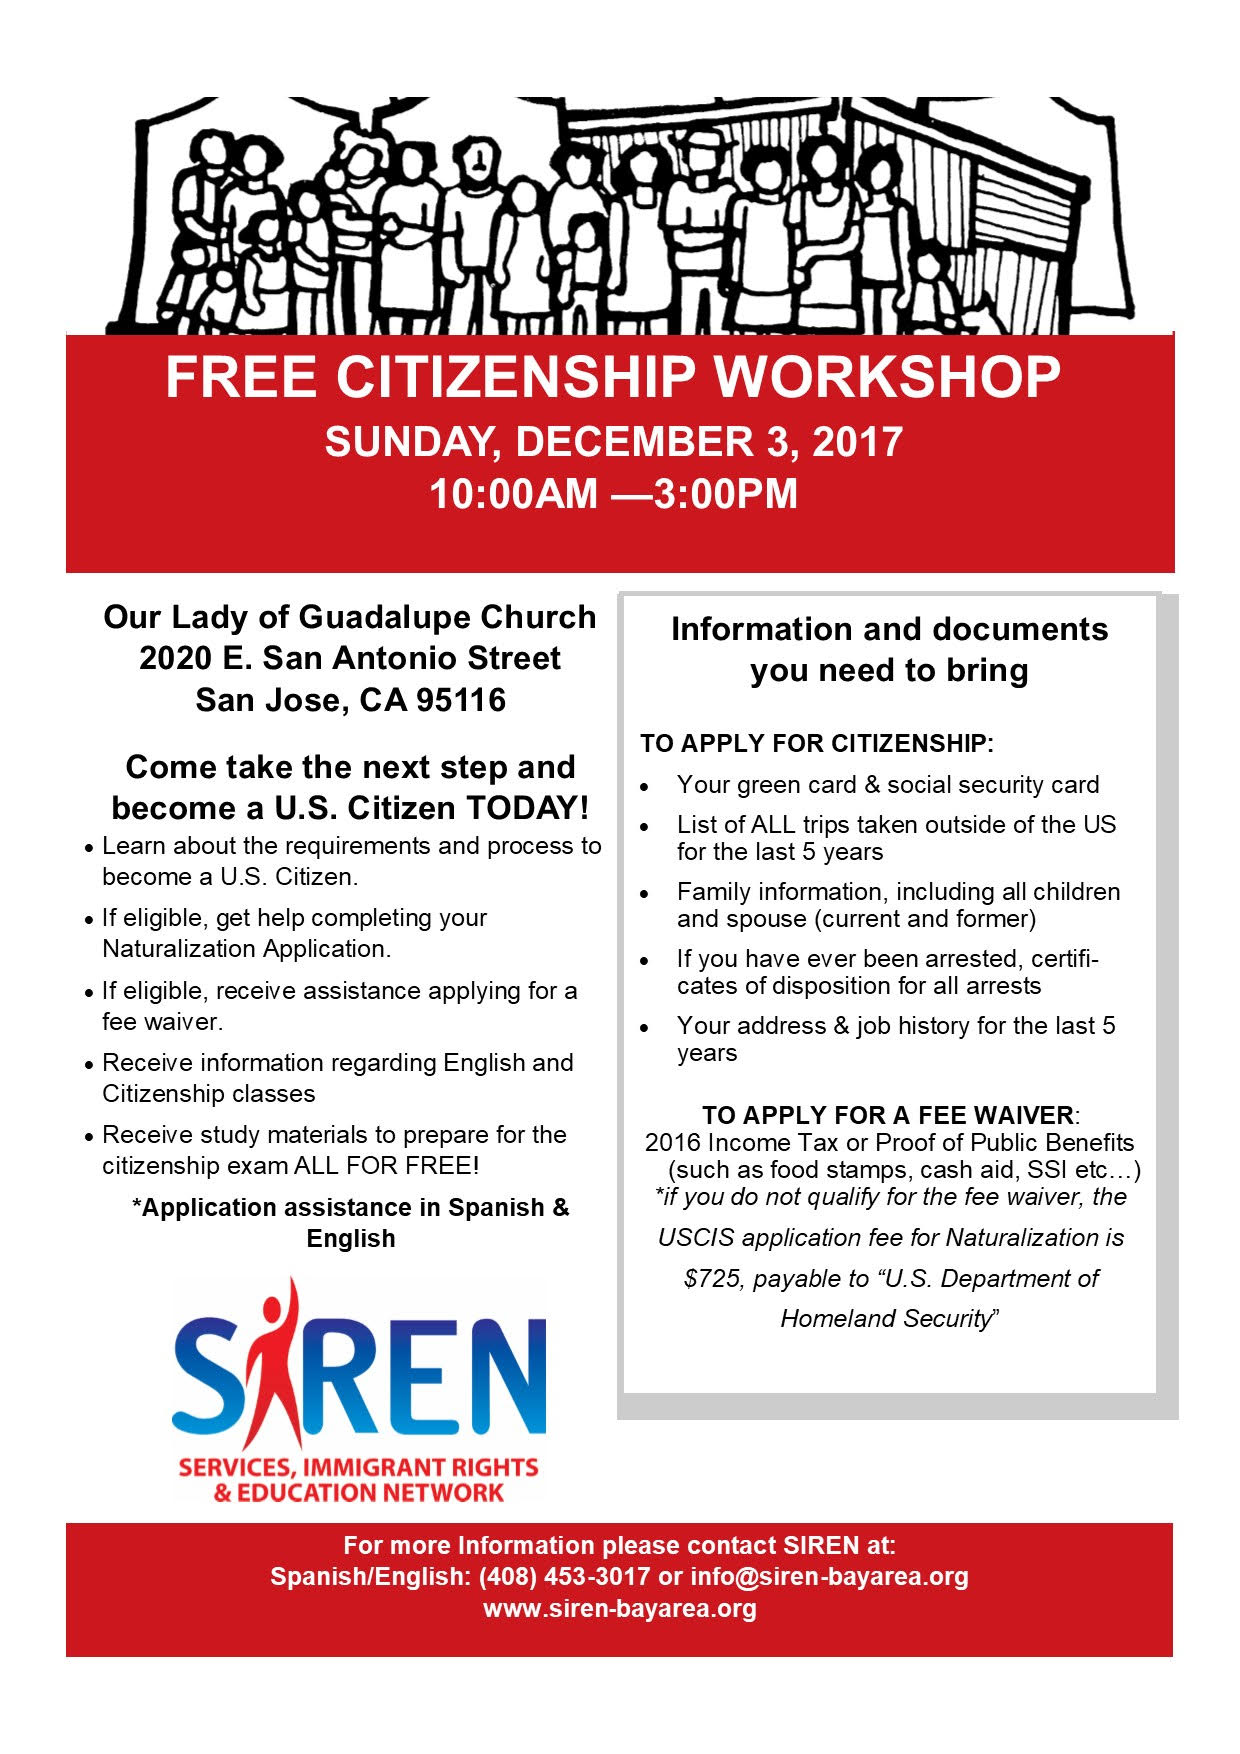 free-citizenship-workshop-siren.jpg